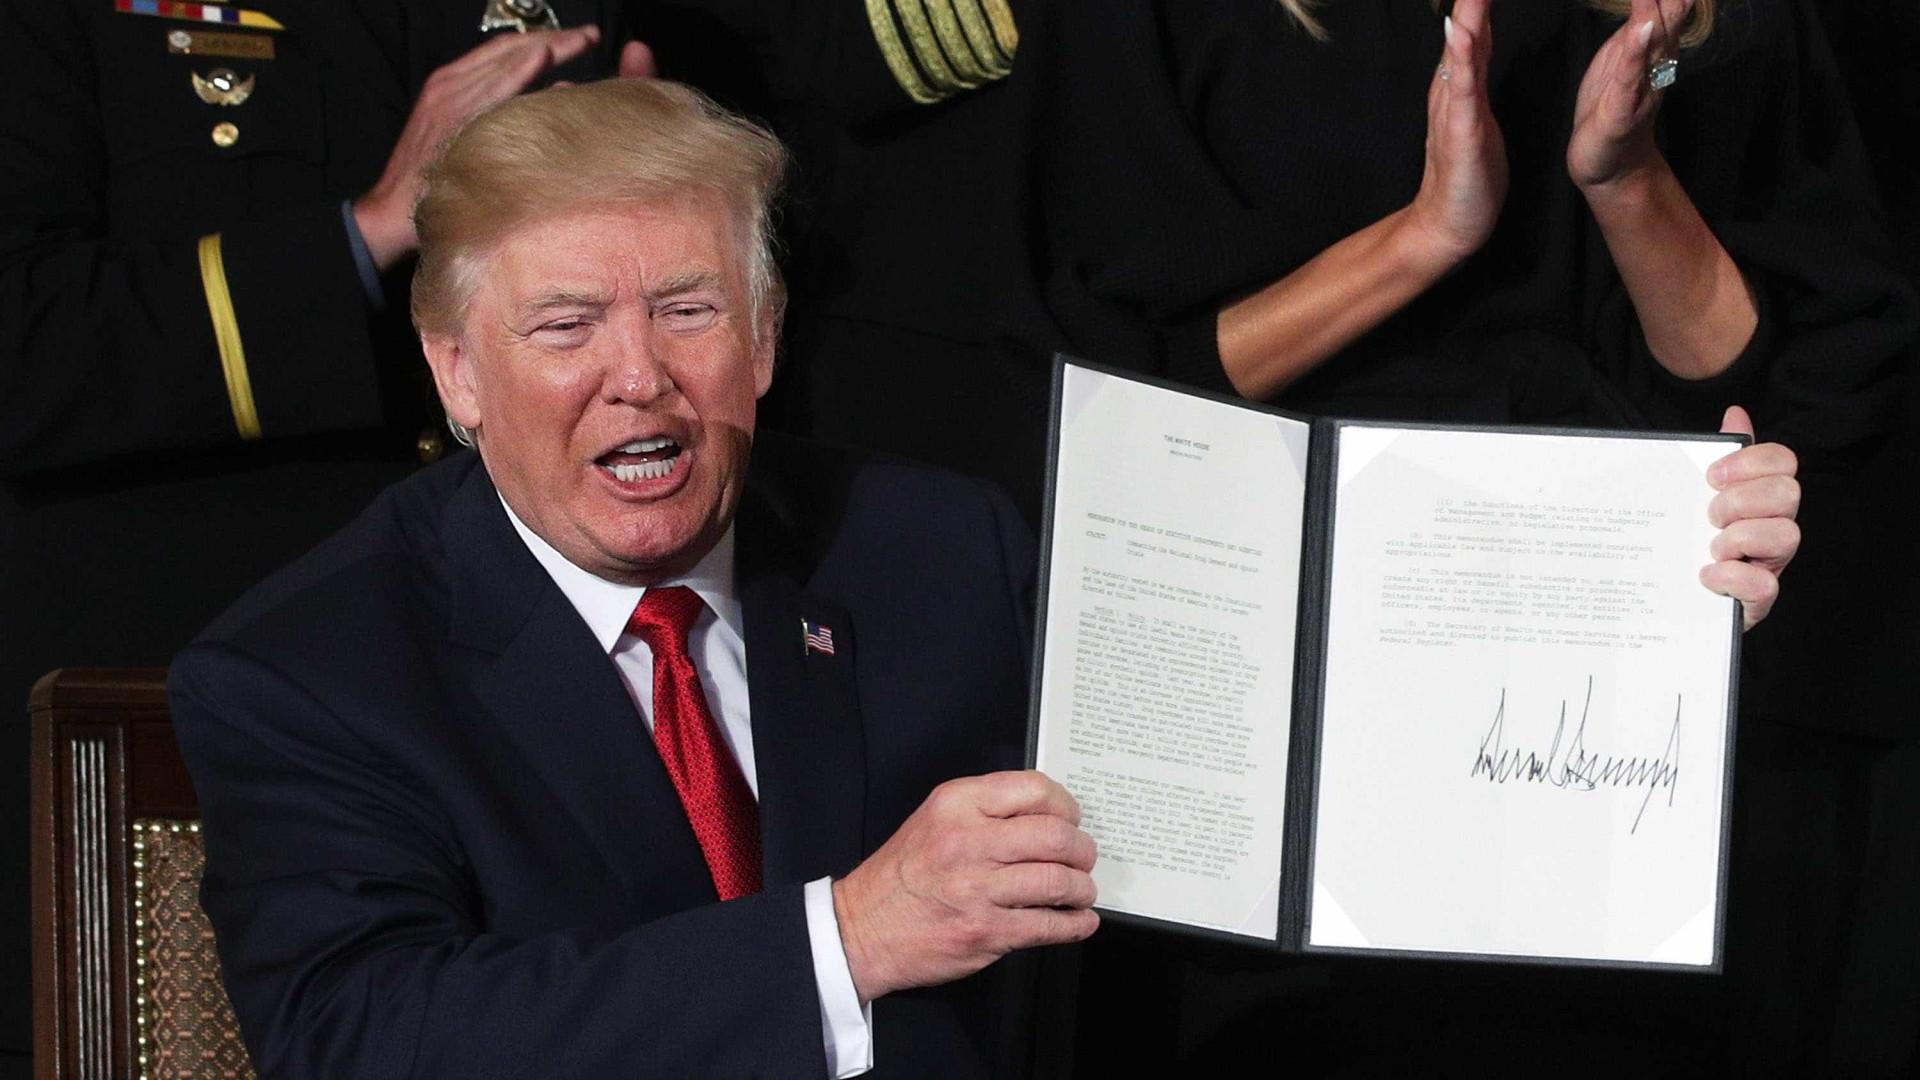 Trump declara crise dos opiáceos 'emergência de saúde pública'